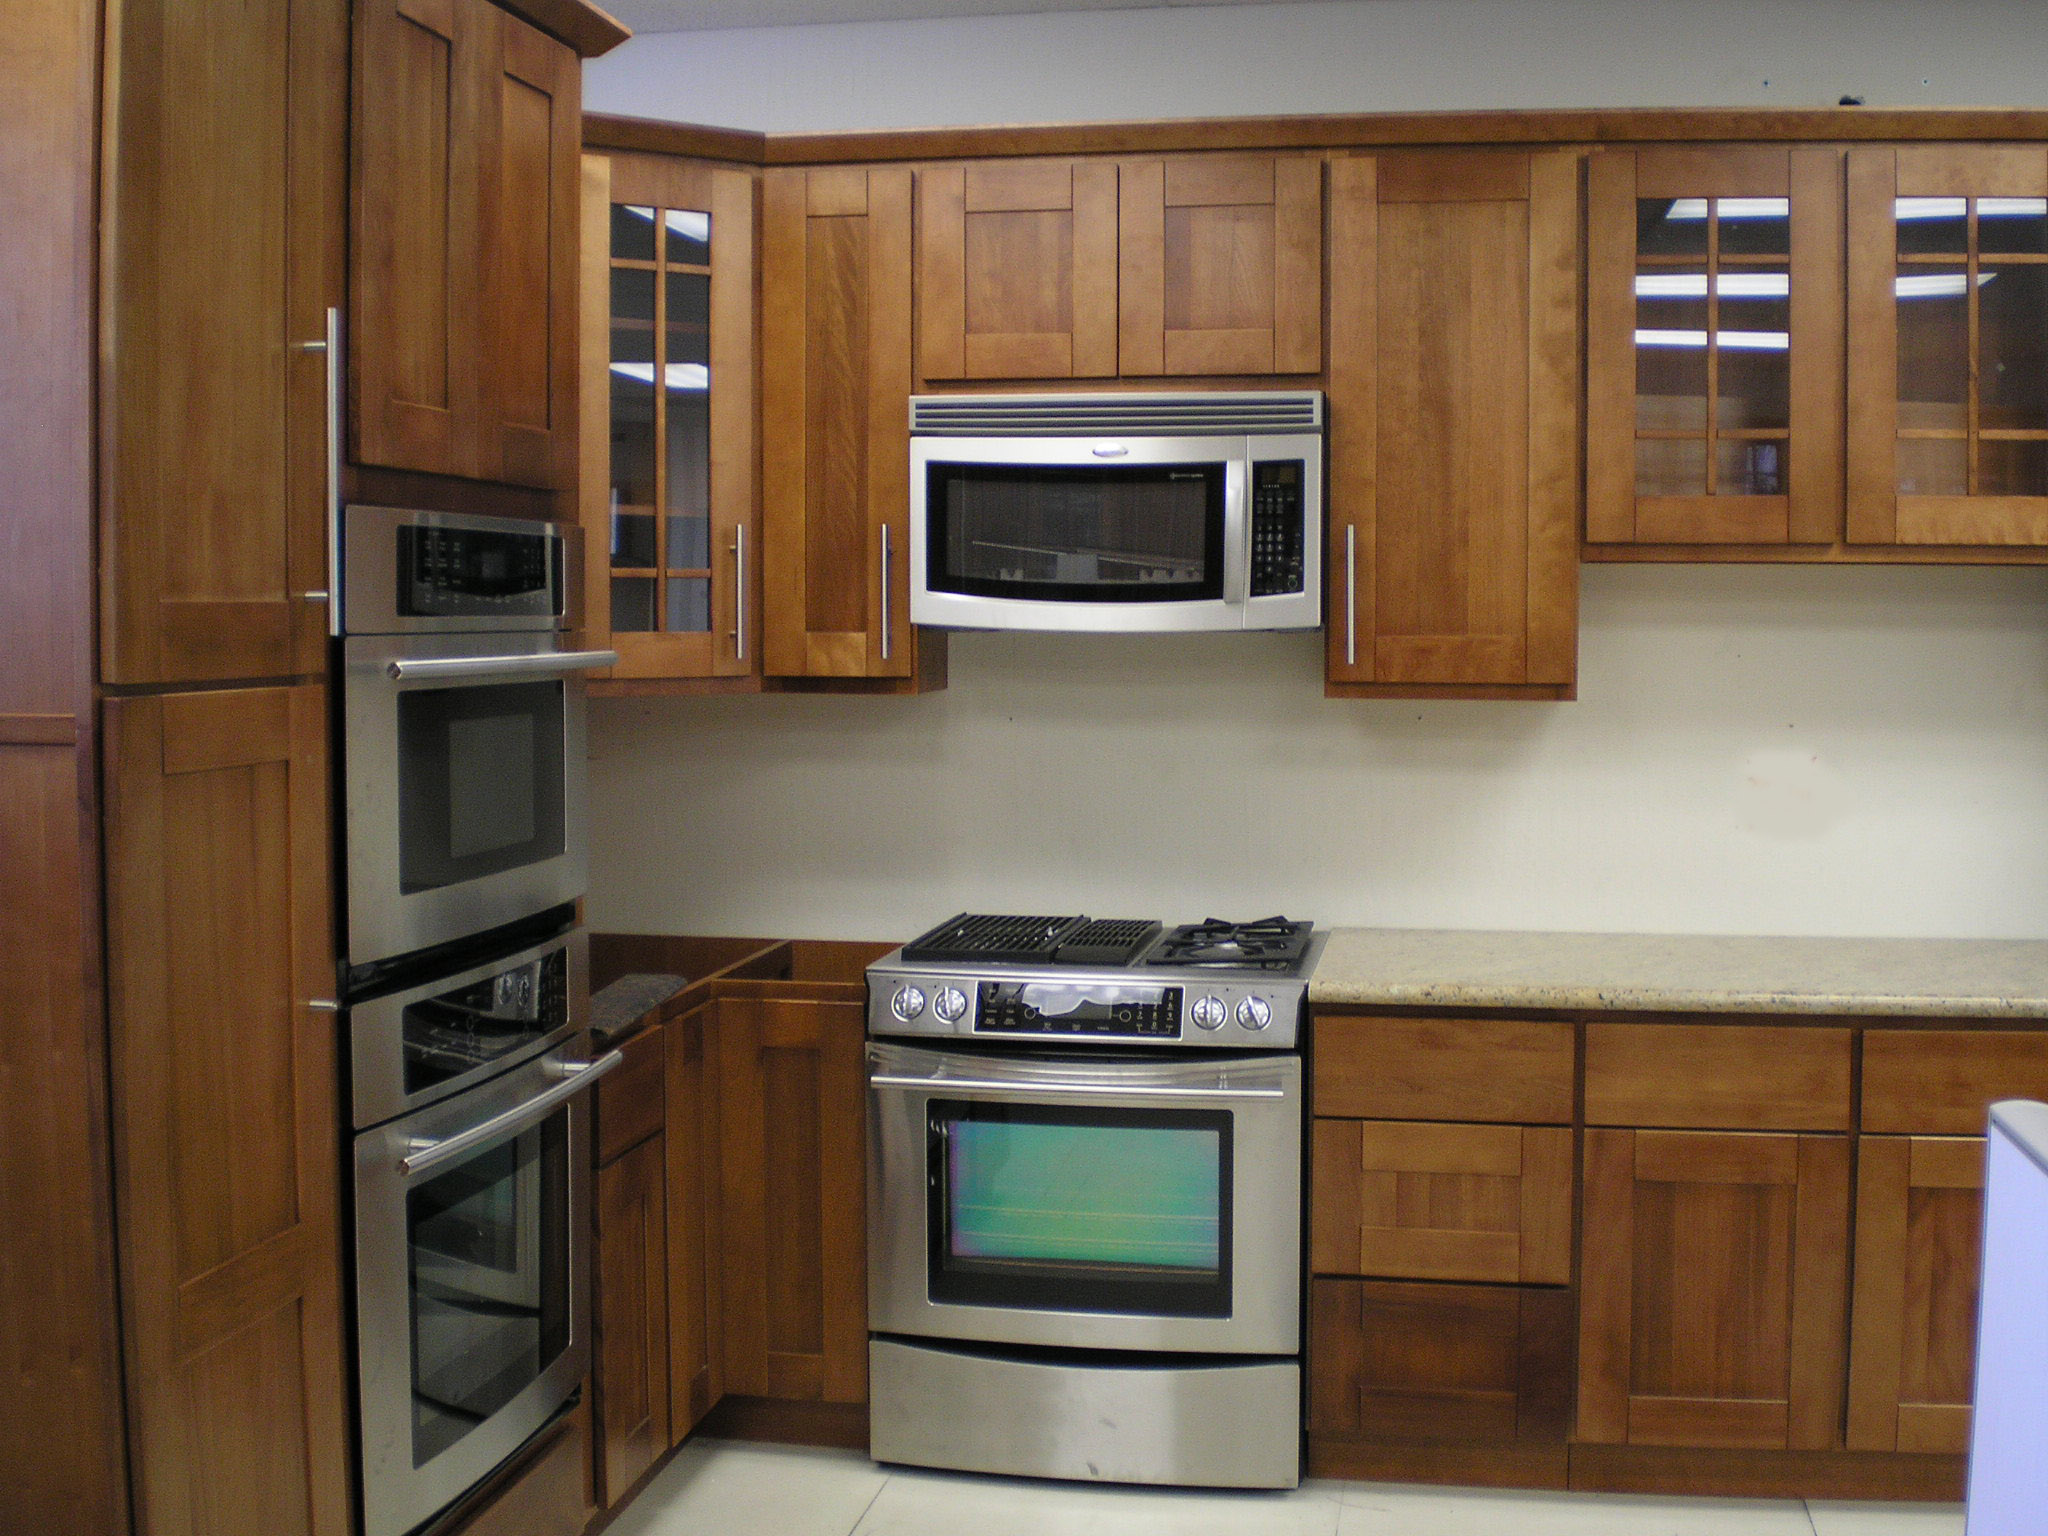 Kitchen cabinet storage photo - 2